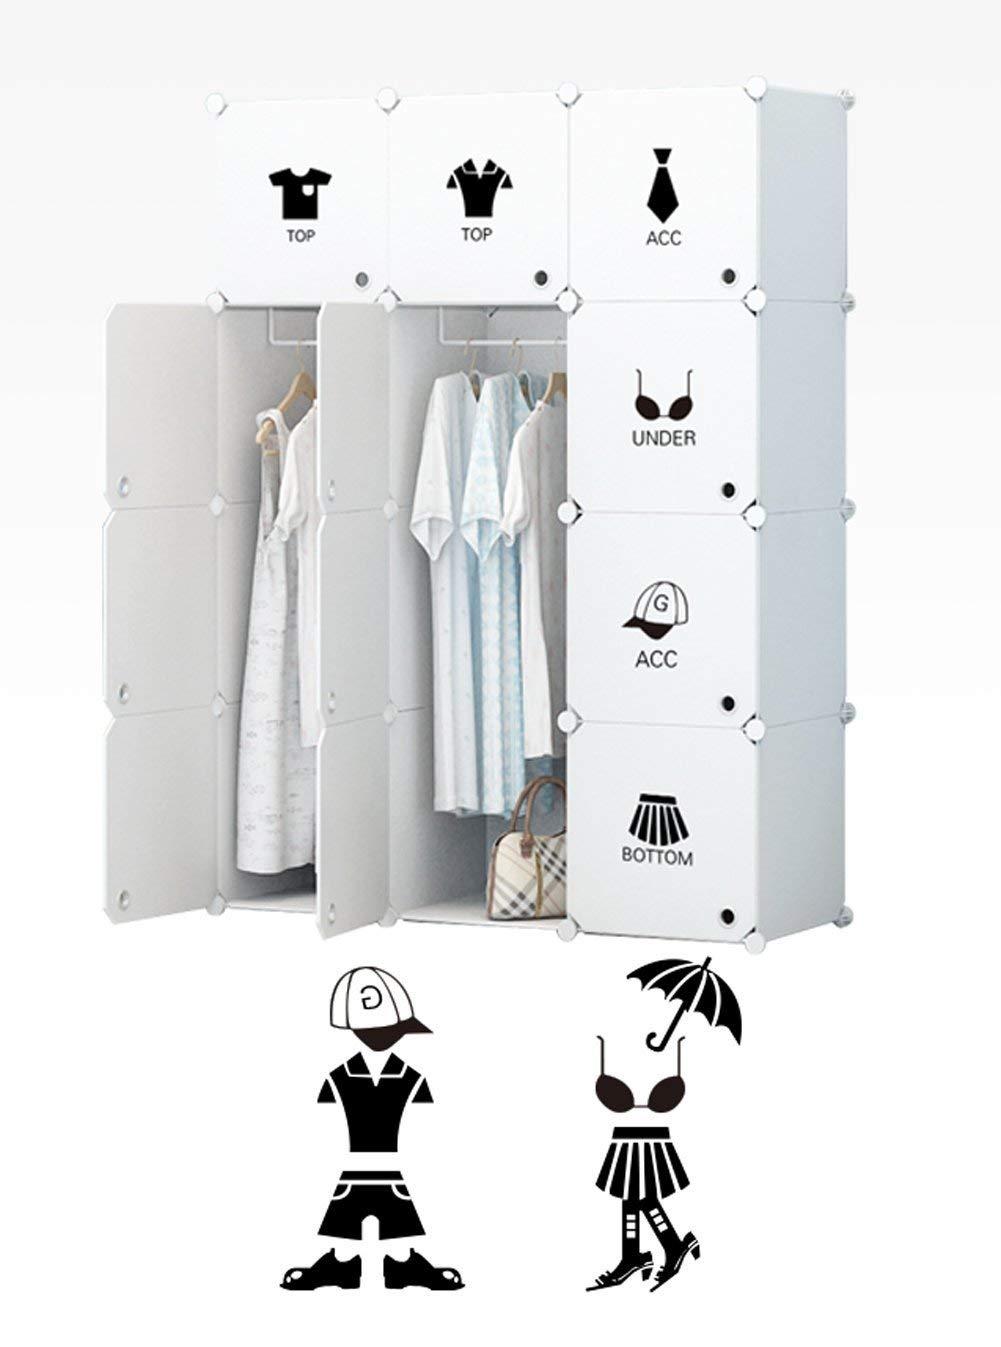 Koossy Erweiterbares Kleiderschrank Regalsystem für Kinderzimmer Wohnzimmer und Schlafzimmer (Weiß, 12 Cube)